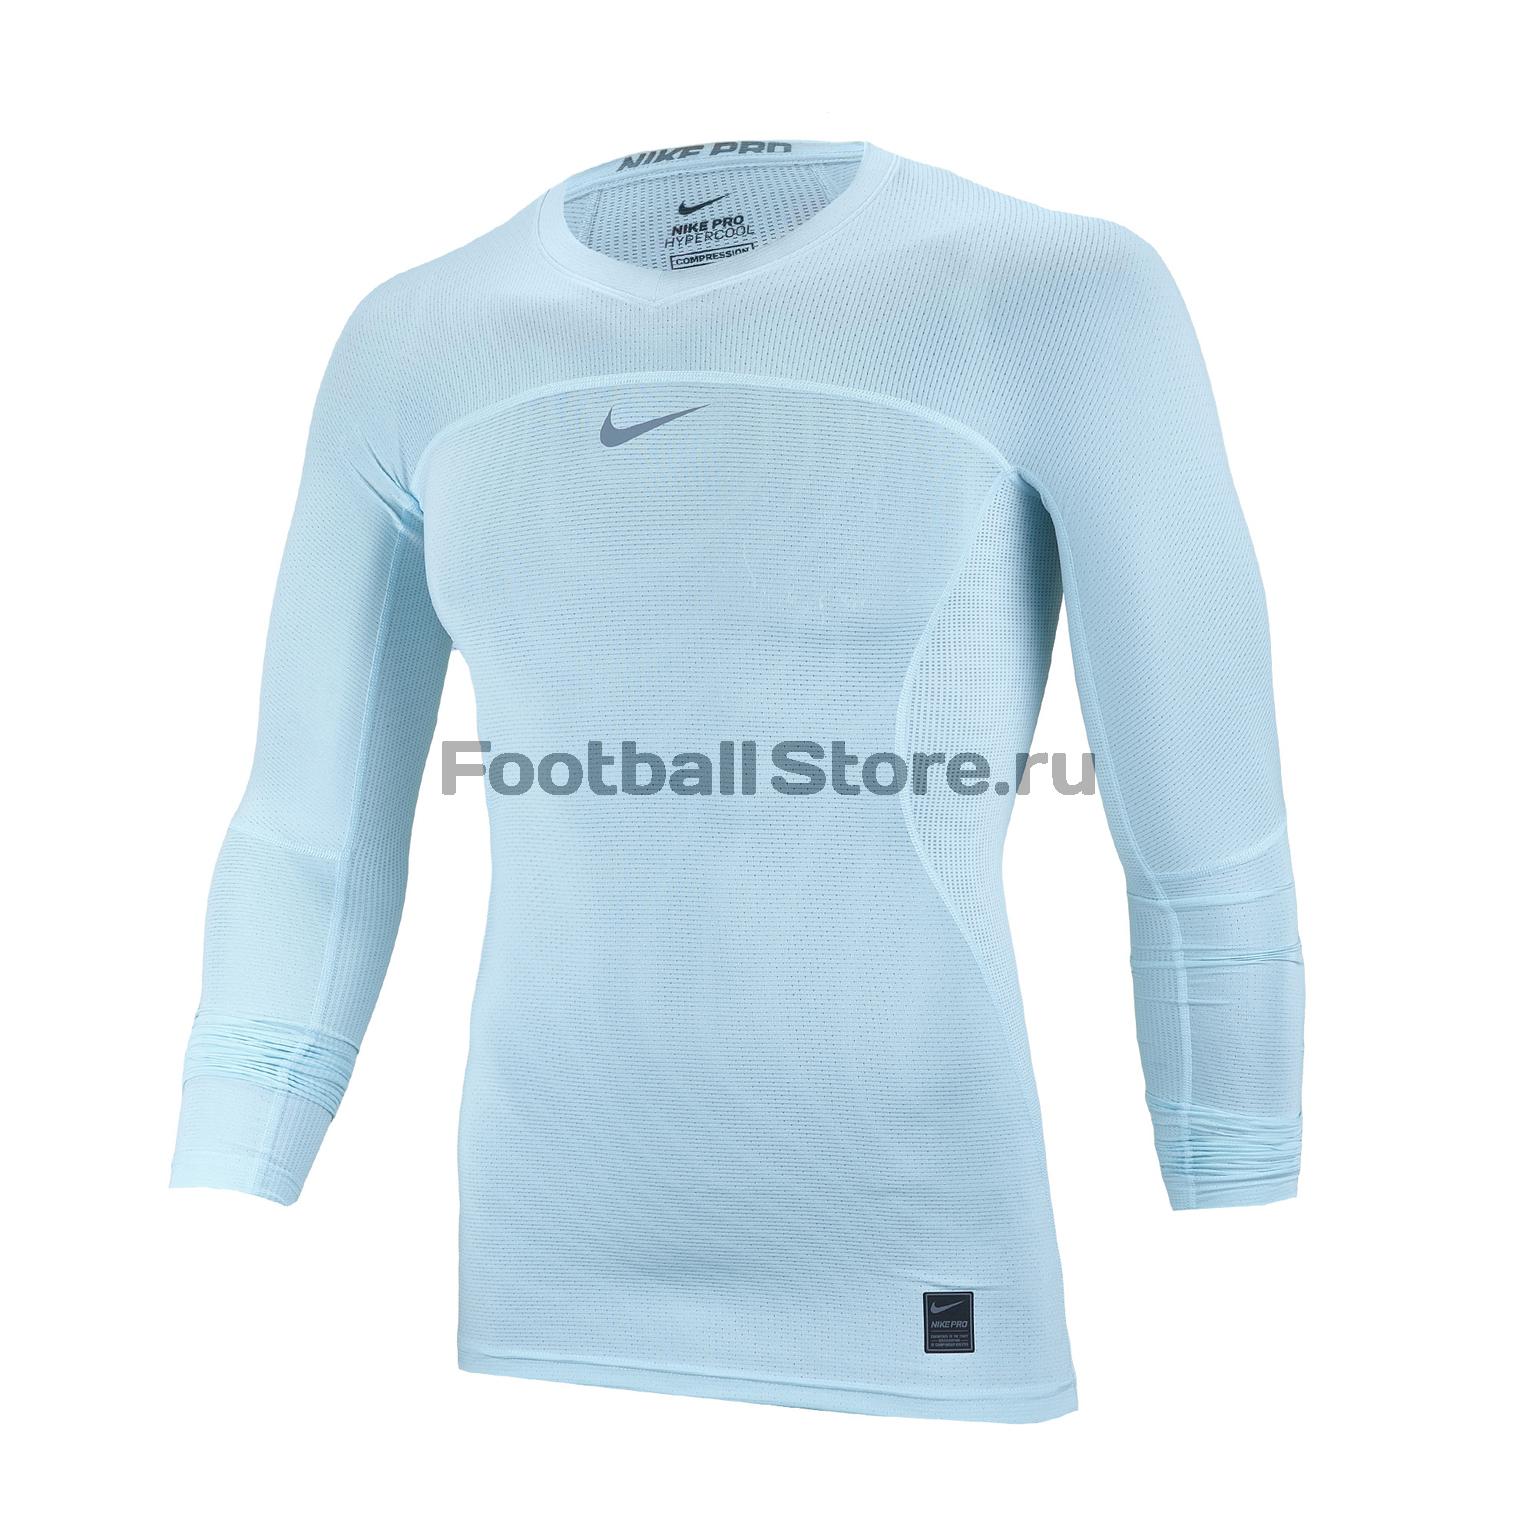 цена Белье футболка Nike GFA Hypercool Top Comp 880203-411 онлайн в 2017 году